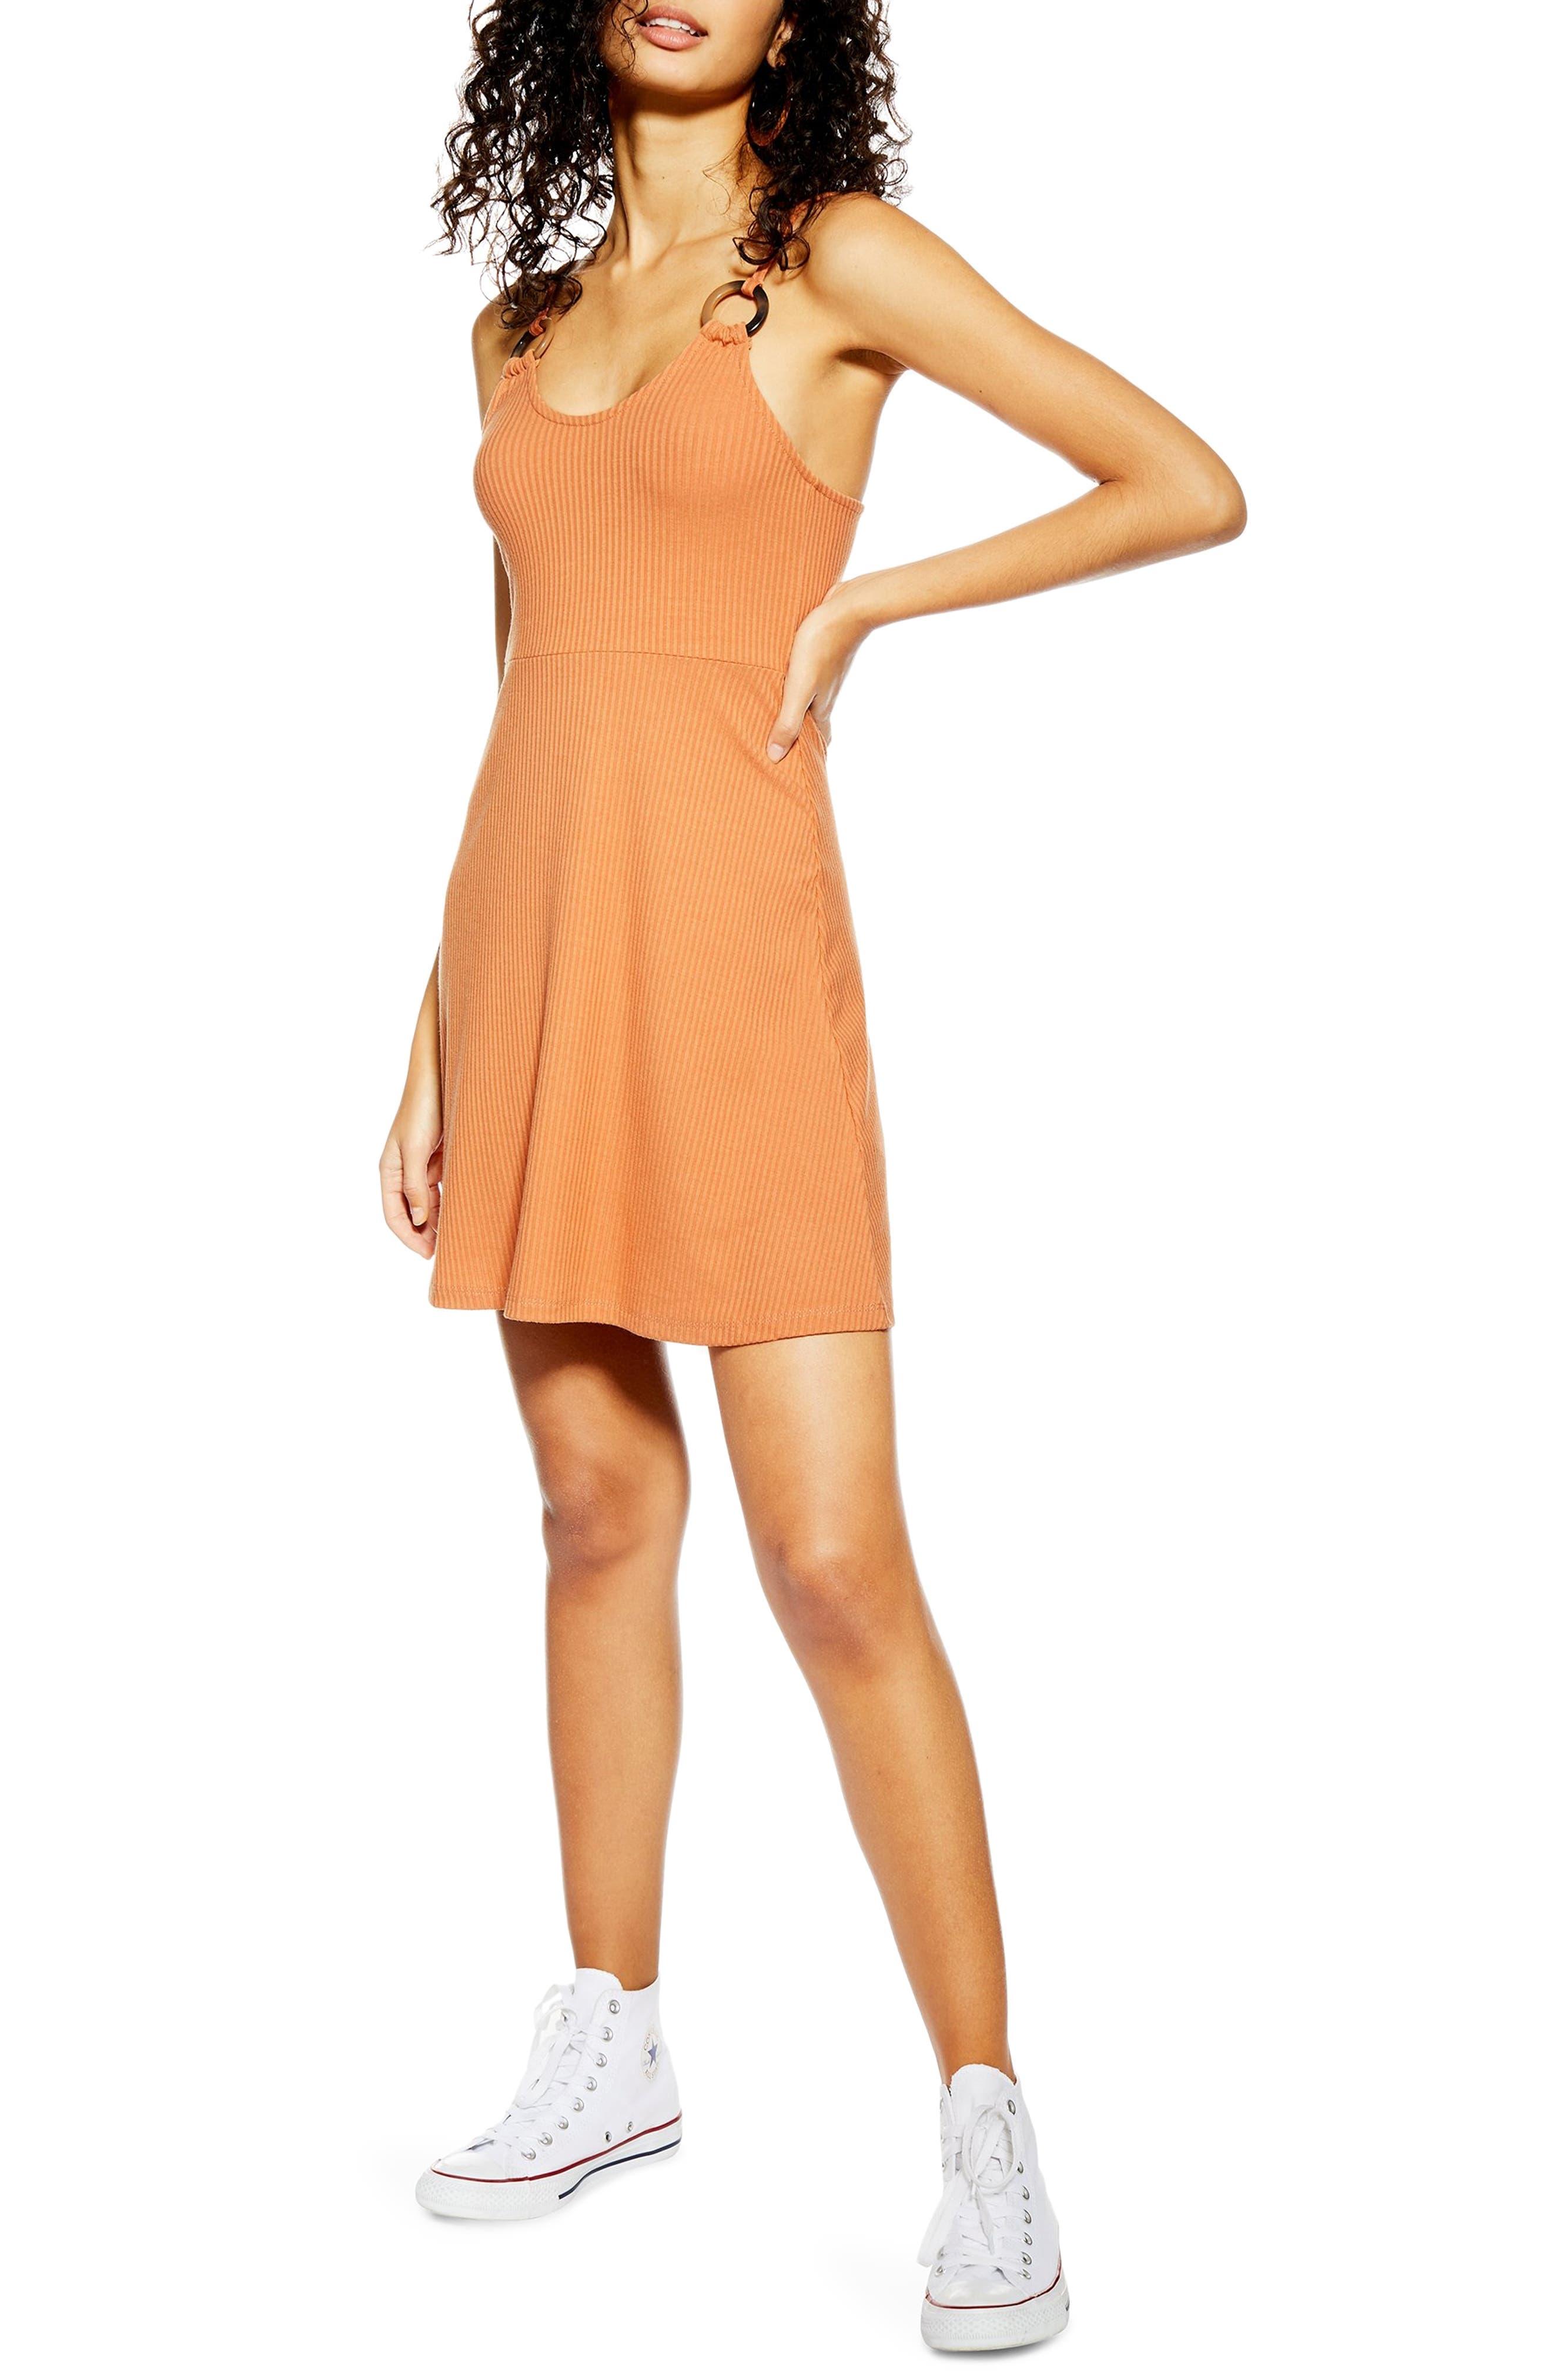 Topshop Rib Knit Dress